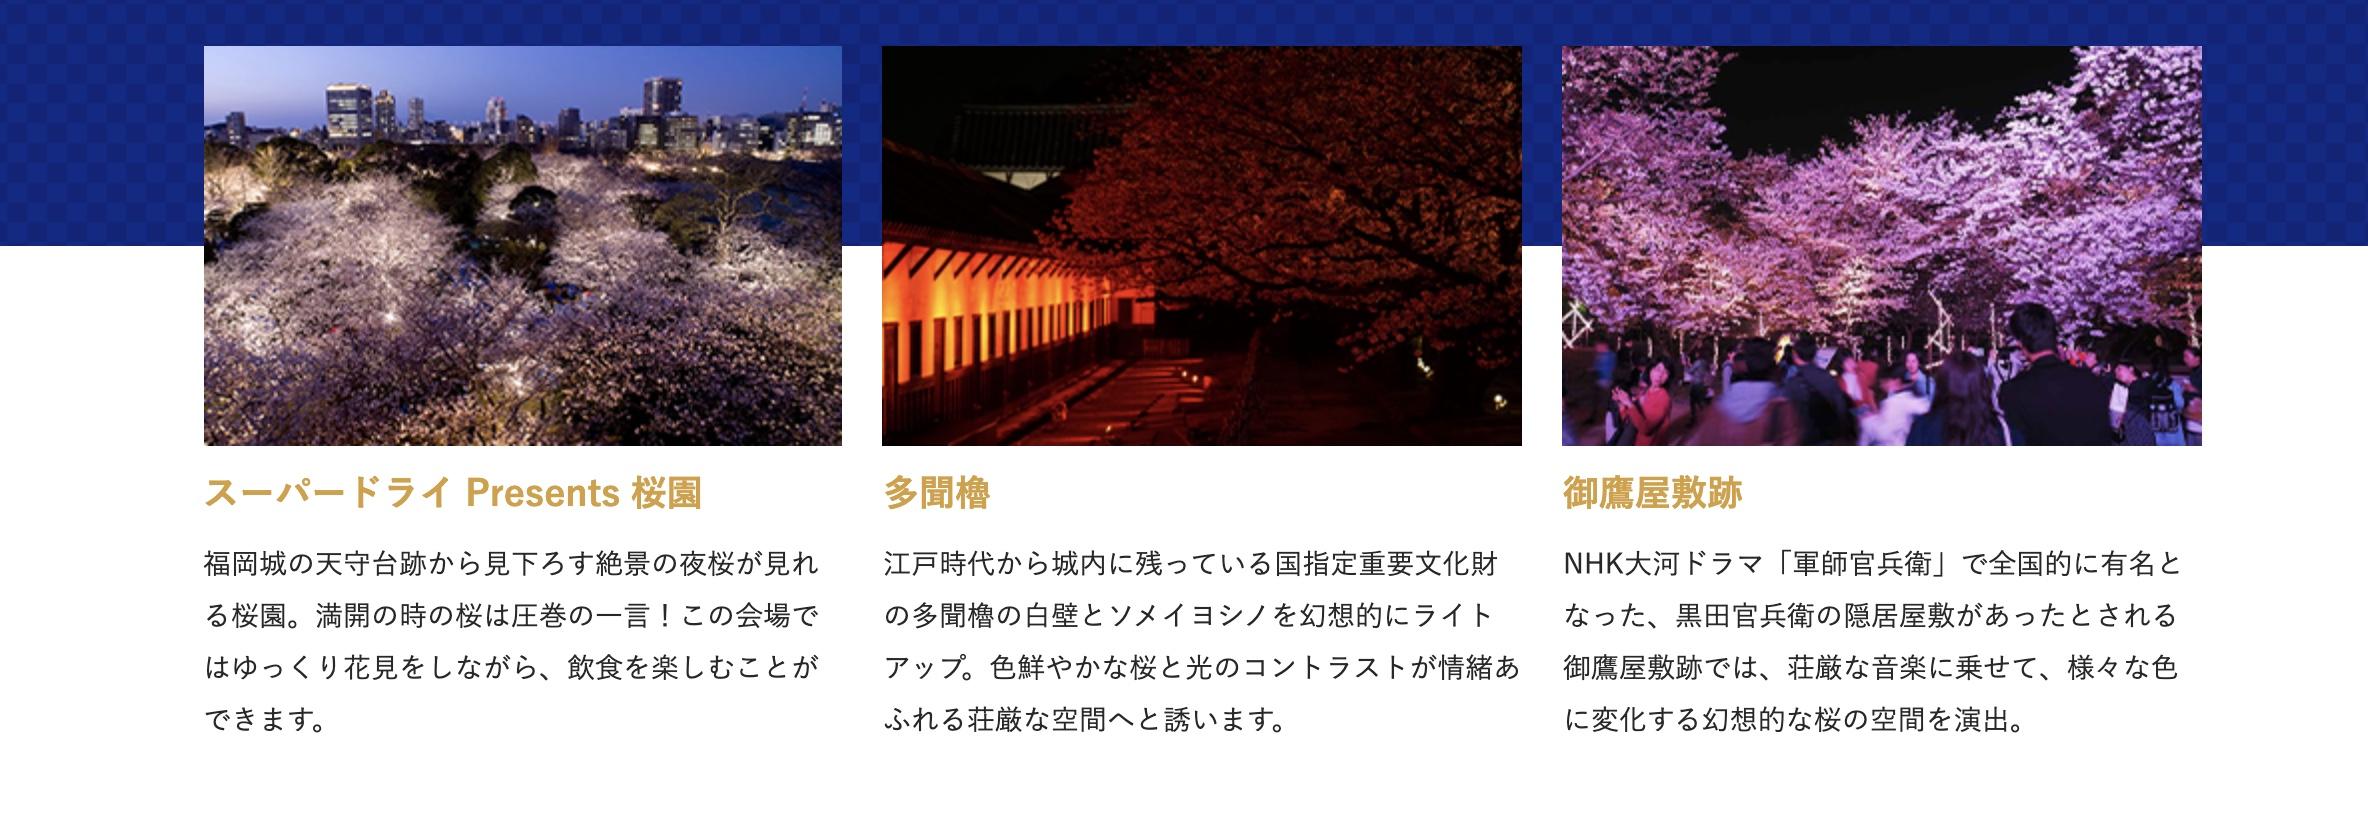 舞鶴公園-特別有料ライトアップ